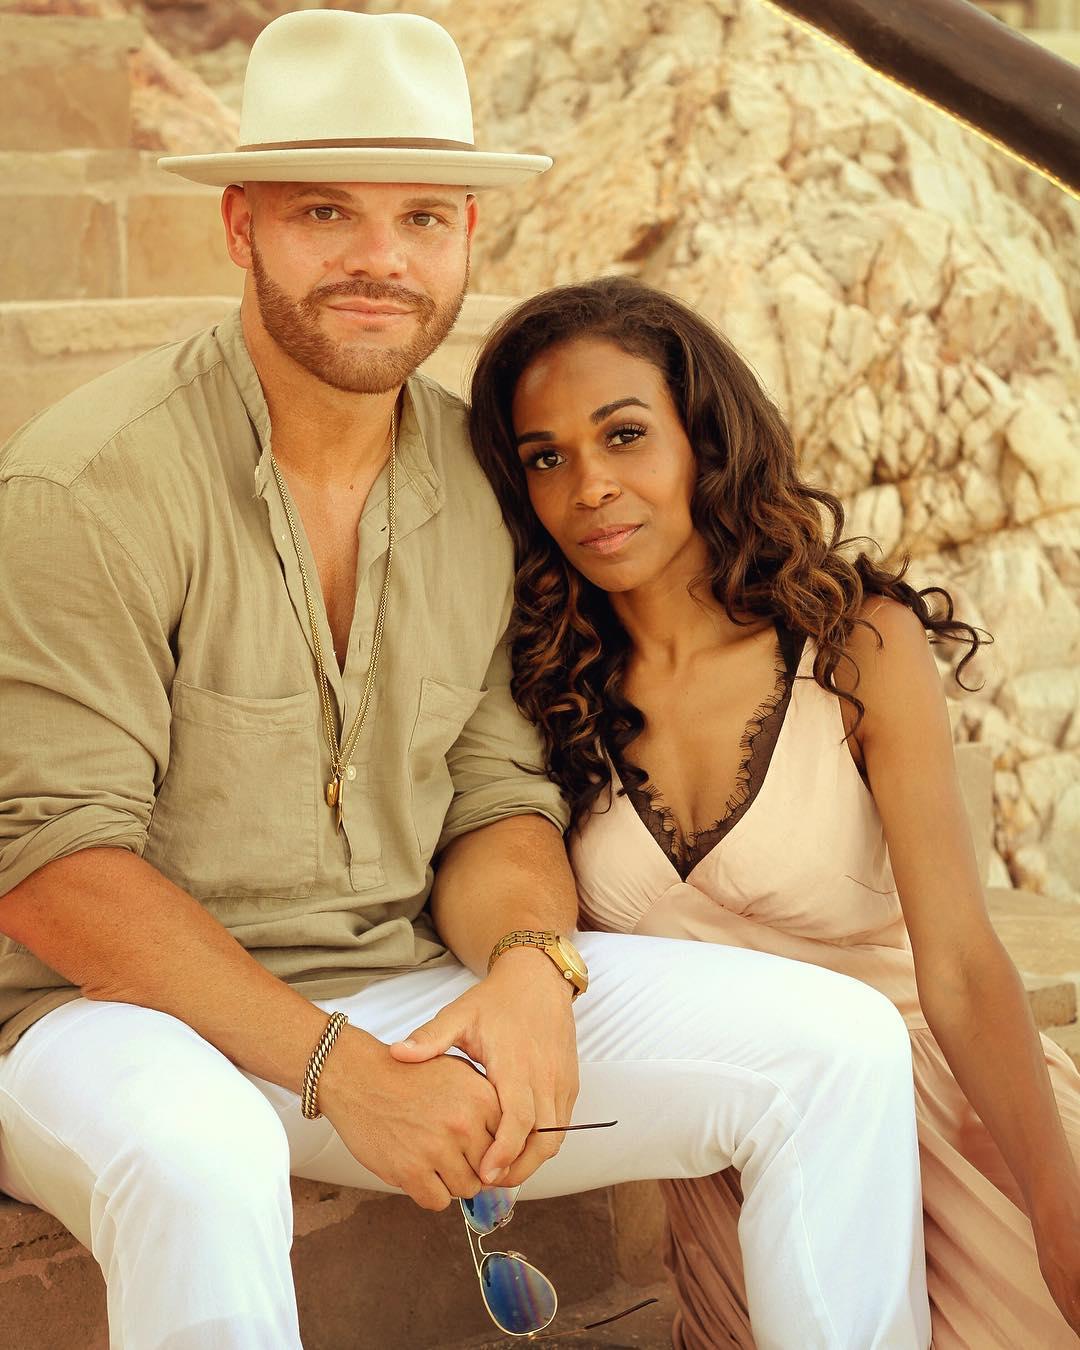 michelle-williams-y-chad-johnson-están-comprometidos-atrapan-de-sus-momentos-más lindos